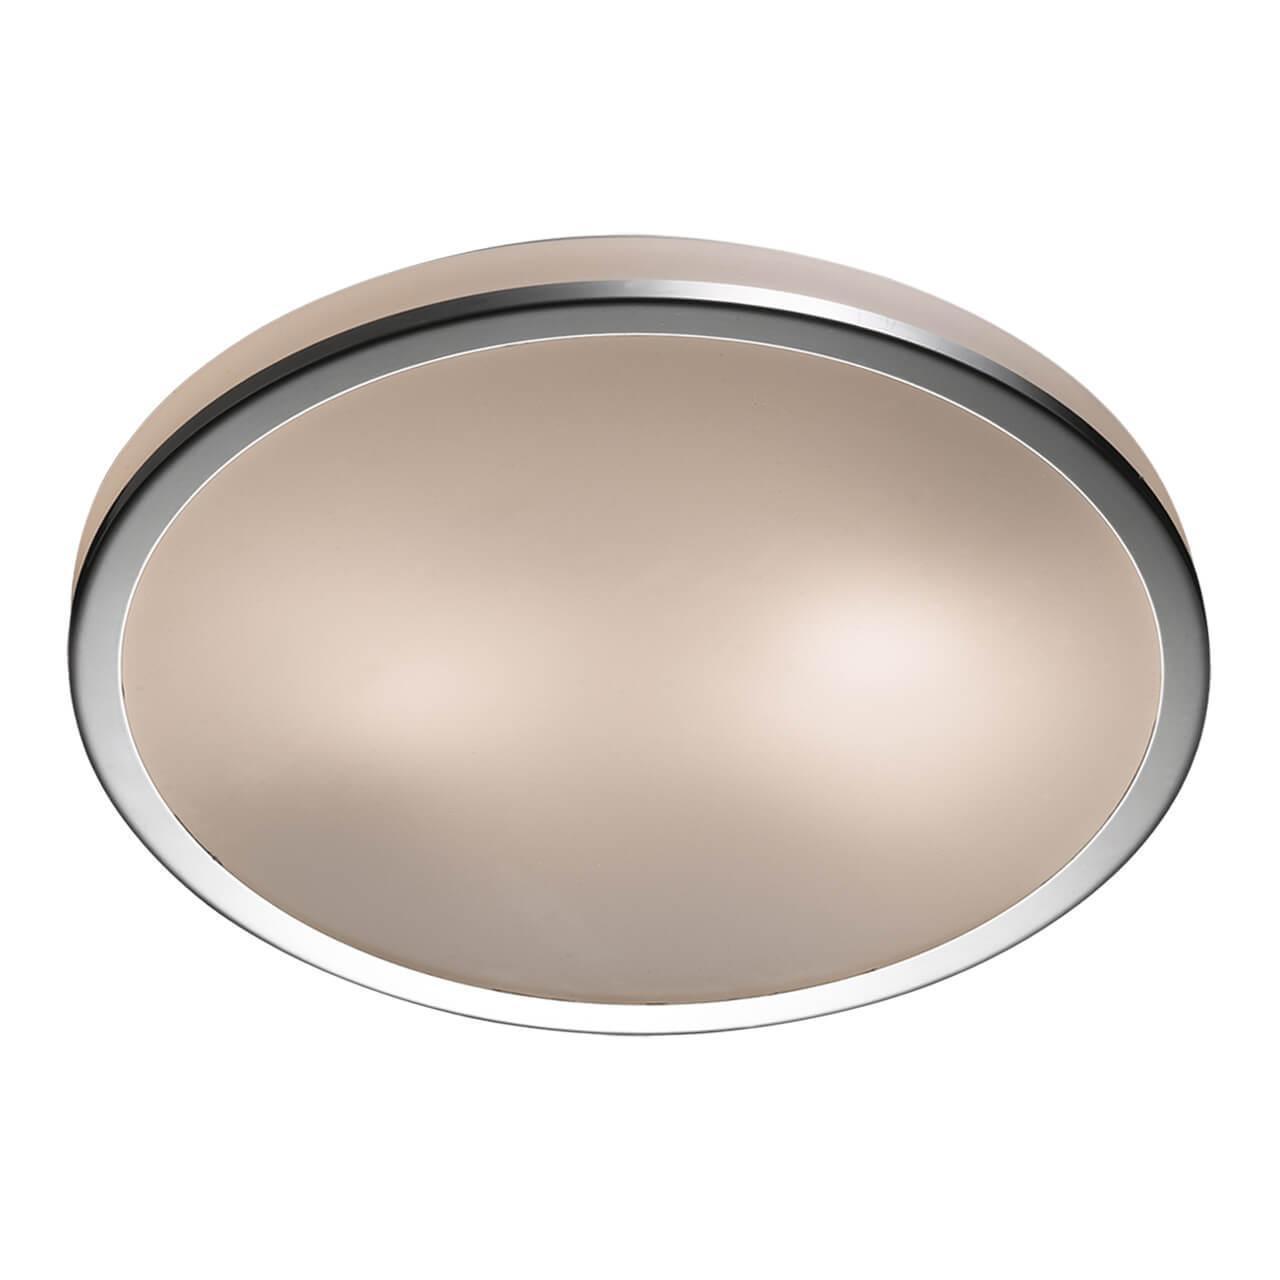 Накладной светильник Odeon Light 2177/2C, E27, 60 Вт все цены